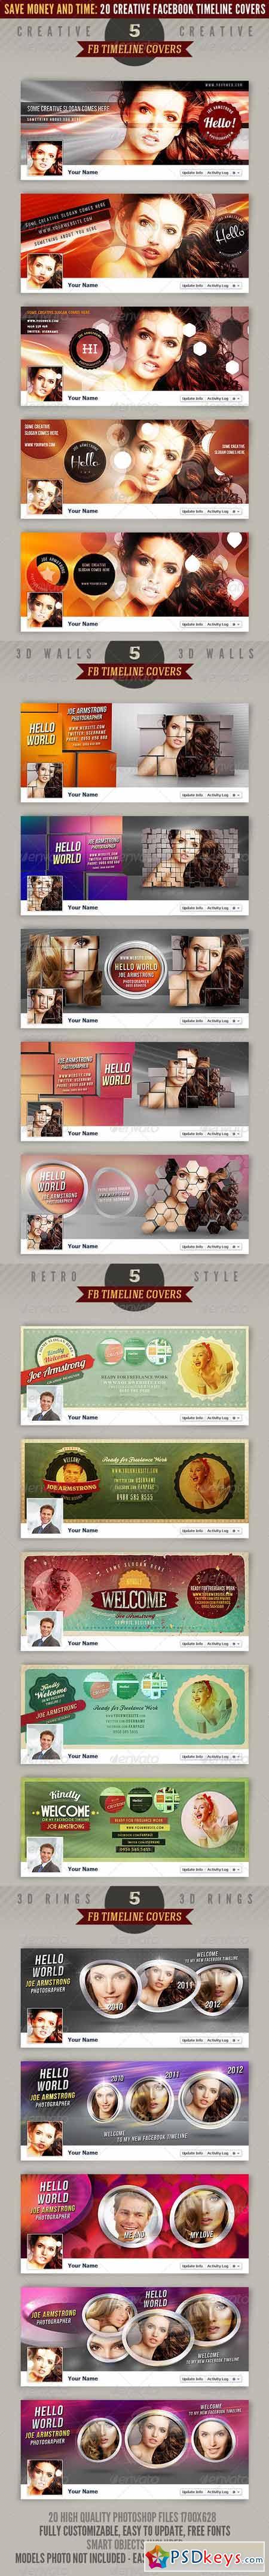 20 Facebook Timeline Covers Bundle 2497461 » Free Download